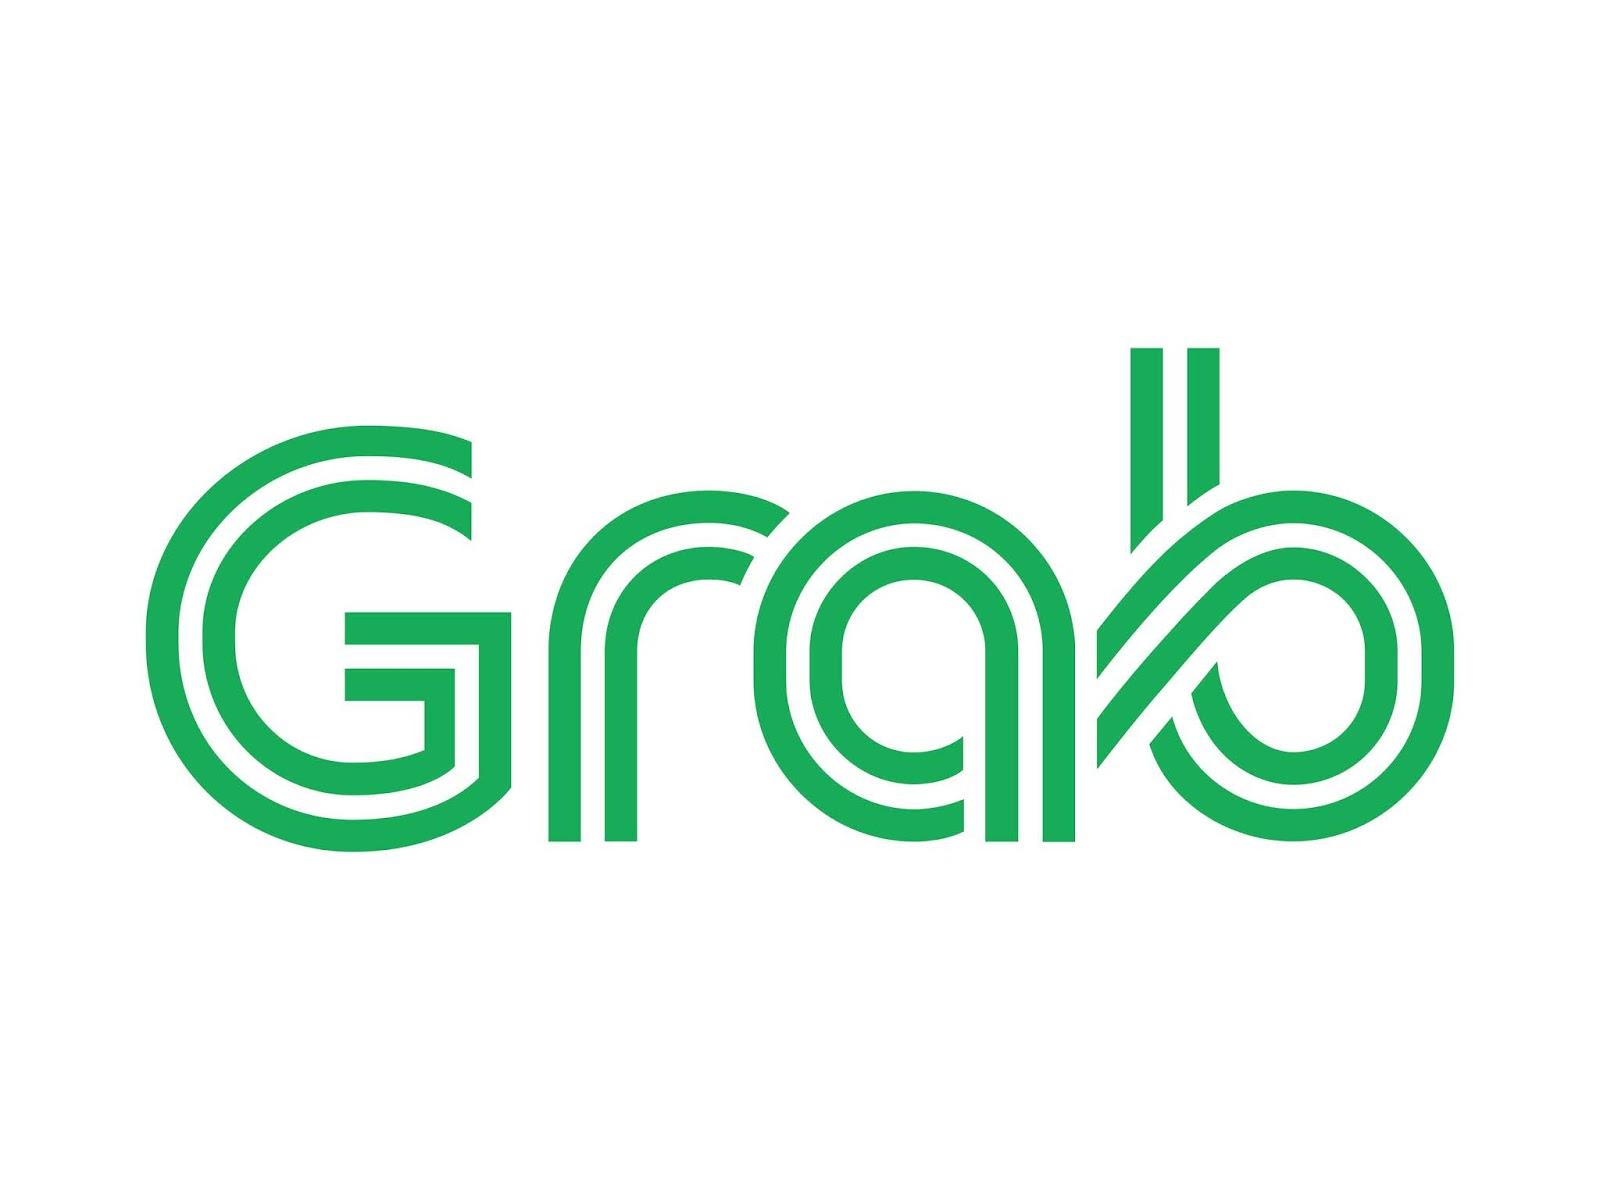 logo grab vector cdr amp png hd gudril logo tempatnya